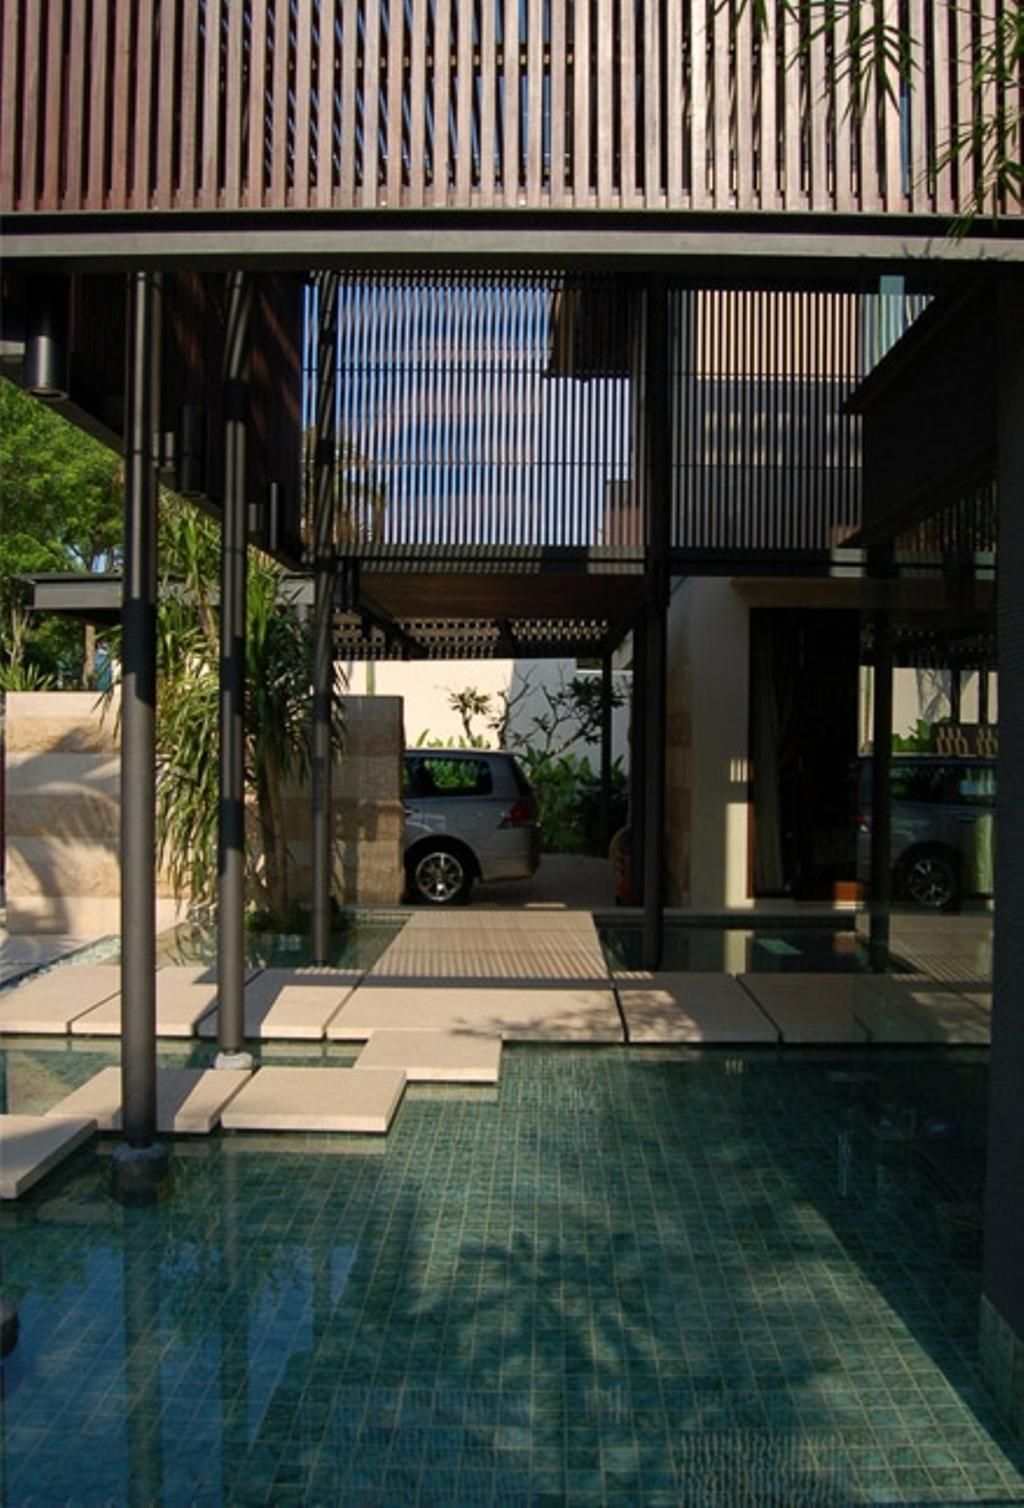 Contemporary, Landed, Mount Echo Park, Architect, Timur Designs, Deck, Porch